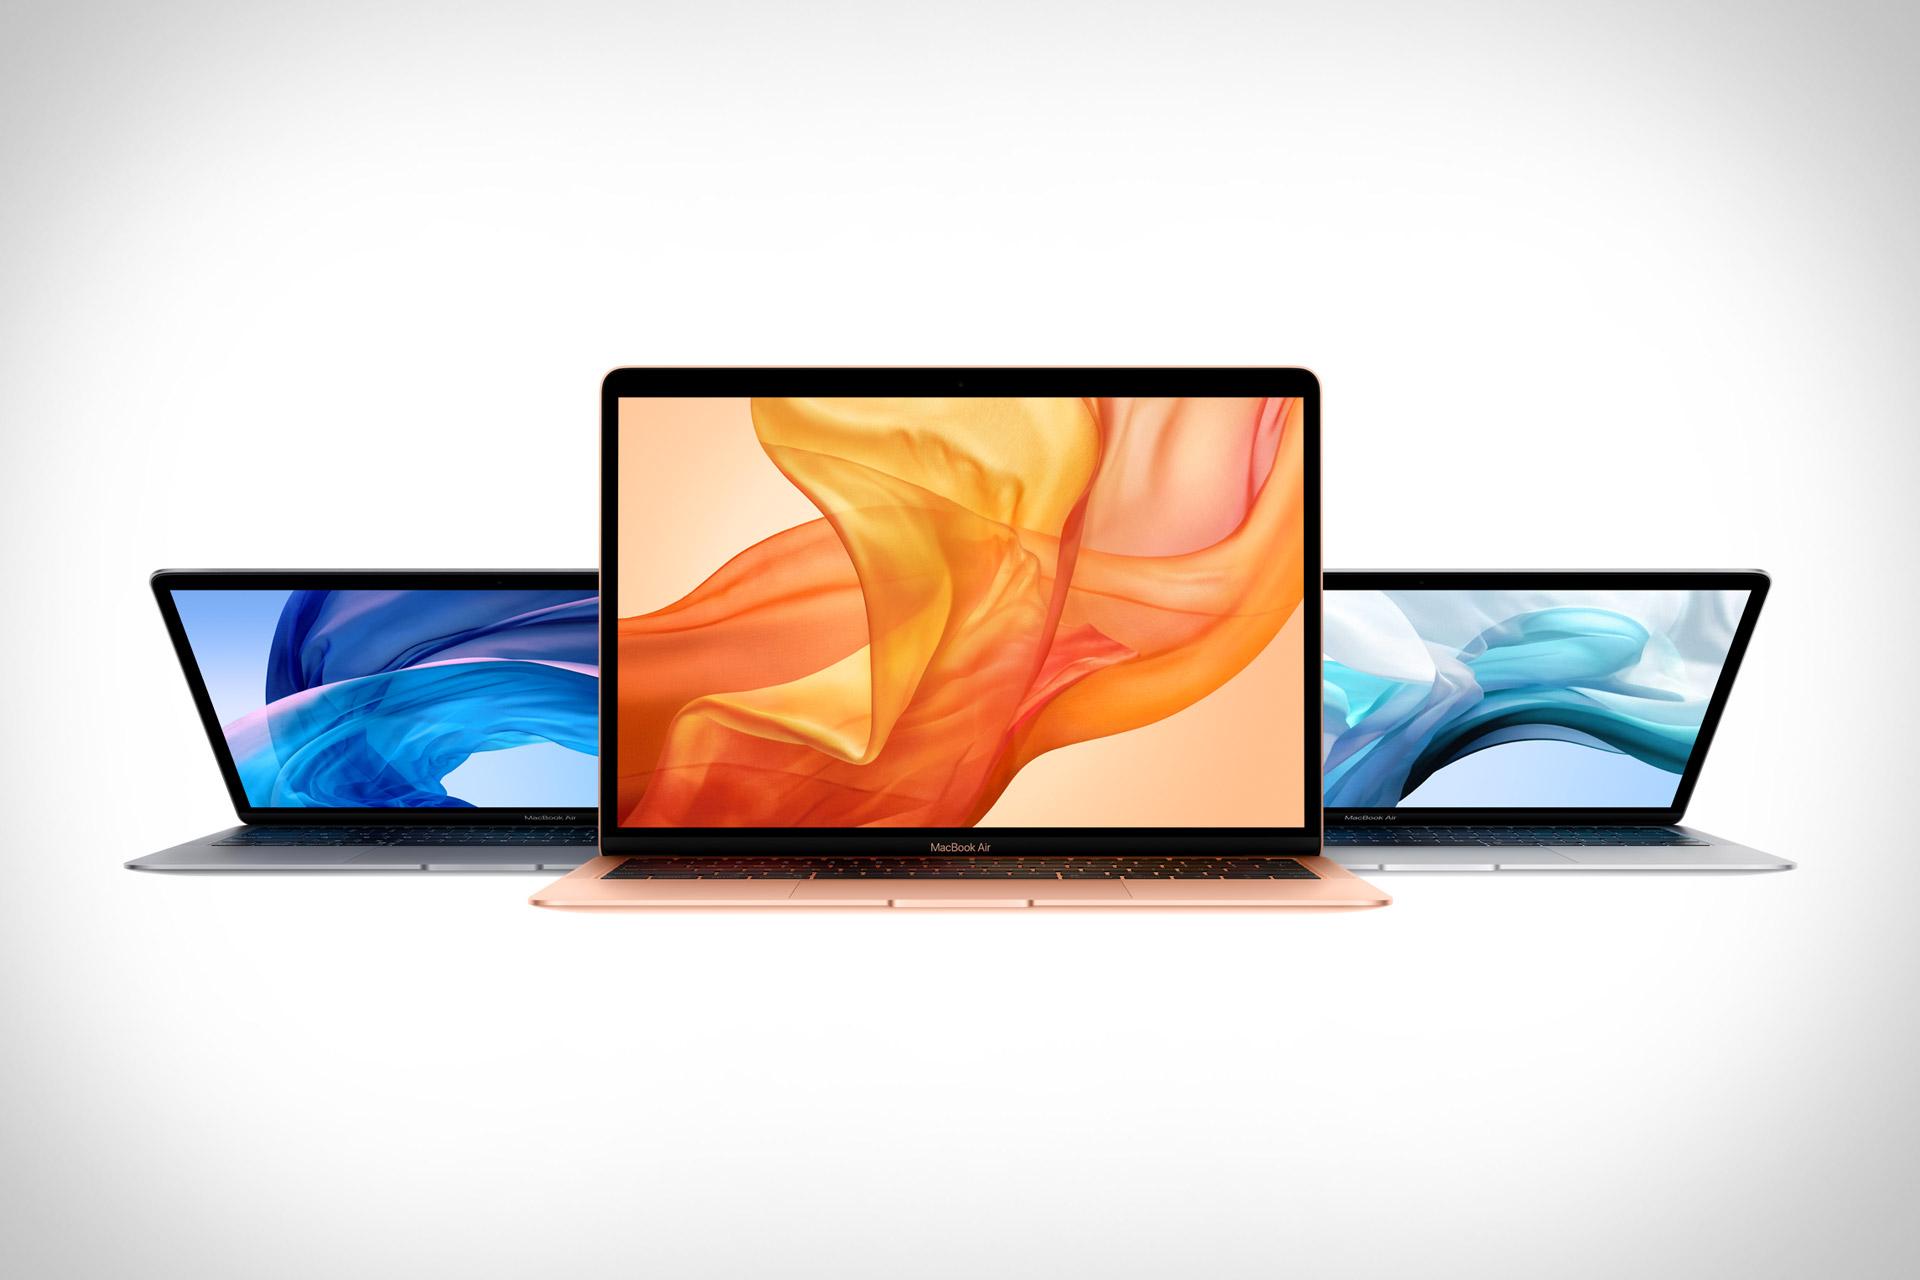 Apple Retina MacBook Air